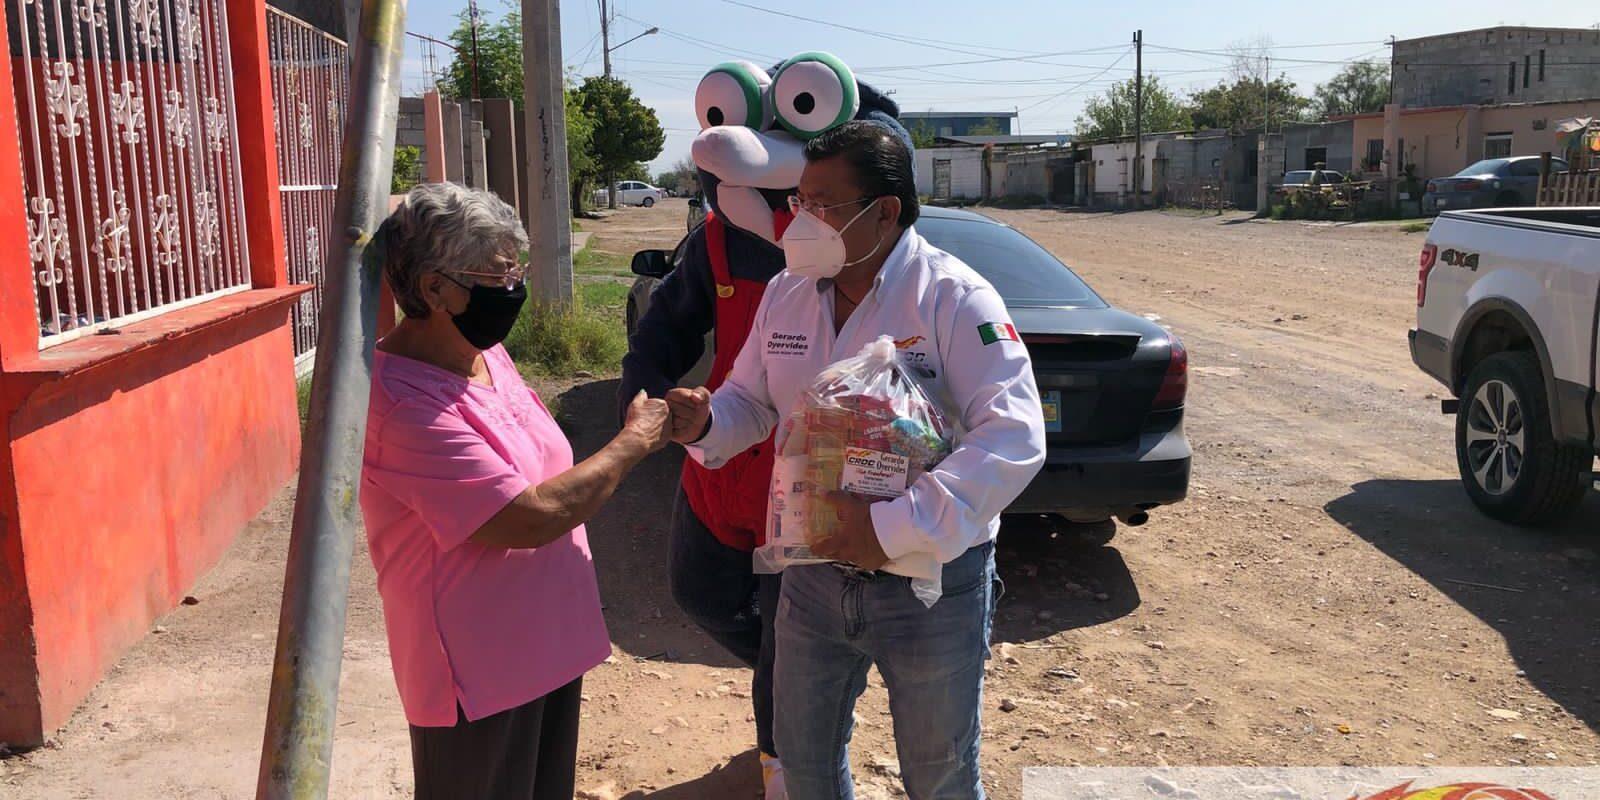 La CROC continúa apoyando a la gente de Frontera; Doña Juanita recibió apoyo alimentario